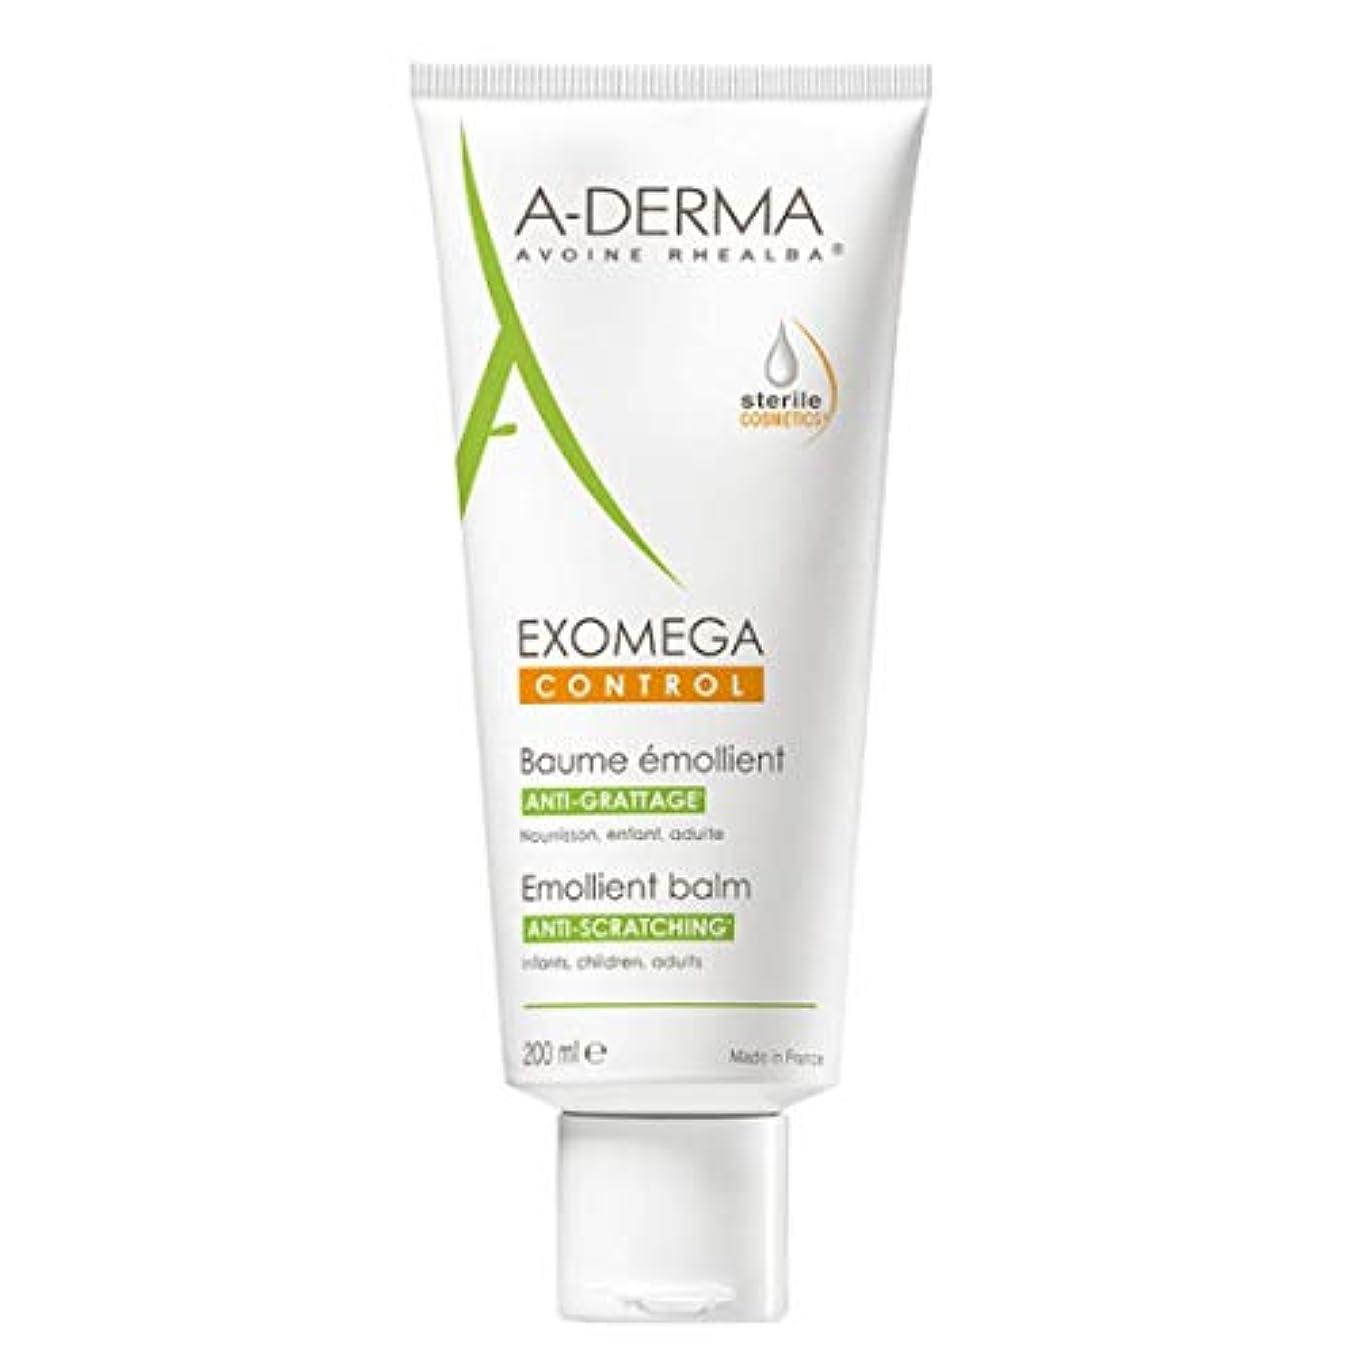 シリンダー輝度チョップA-derma Exomega Control Emollient Balm 200ml [並行輸入品]